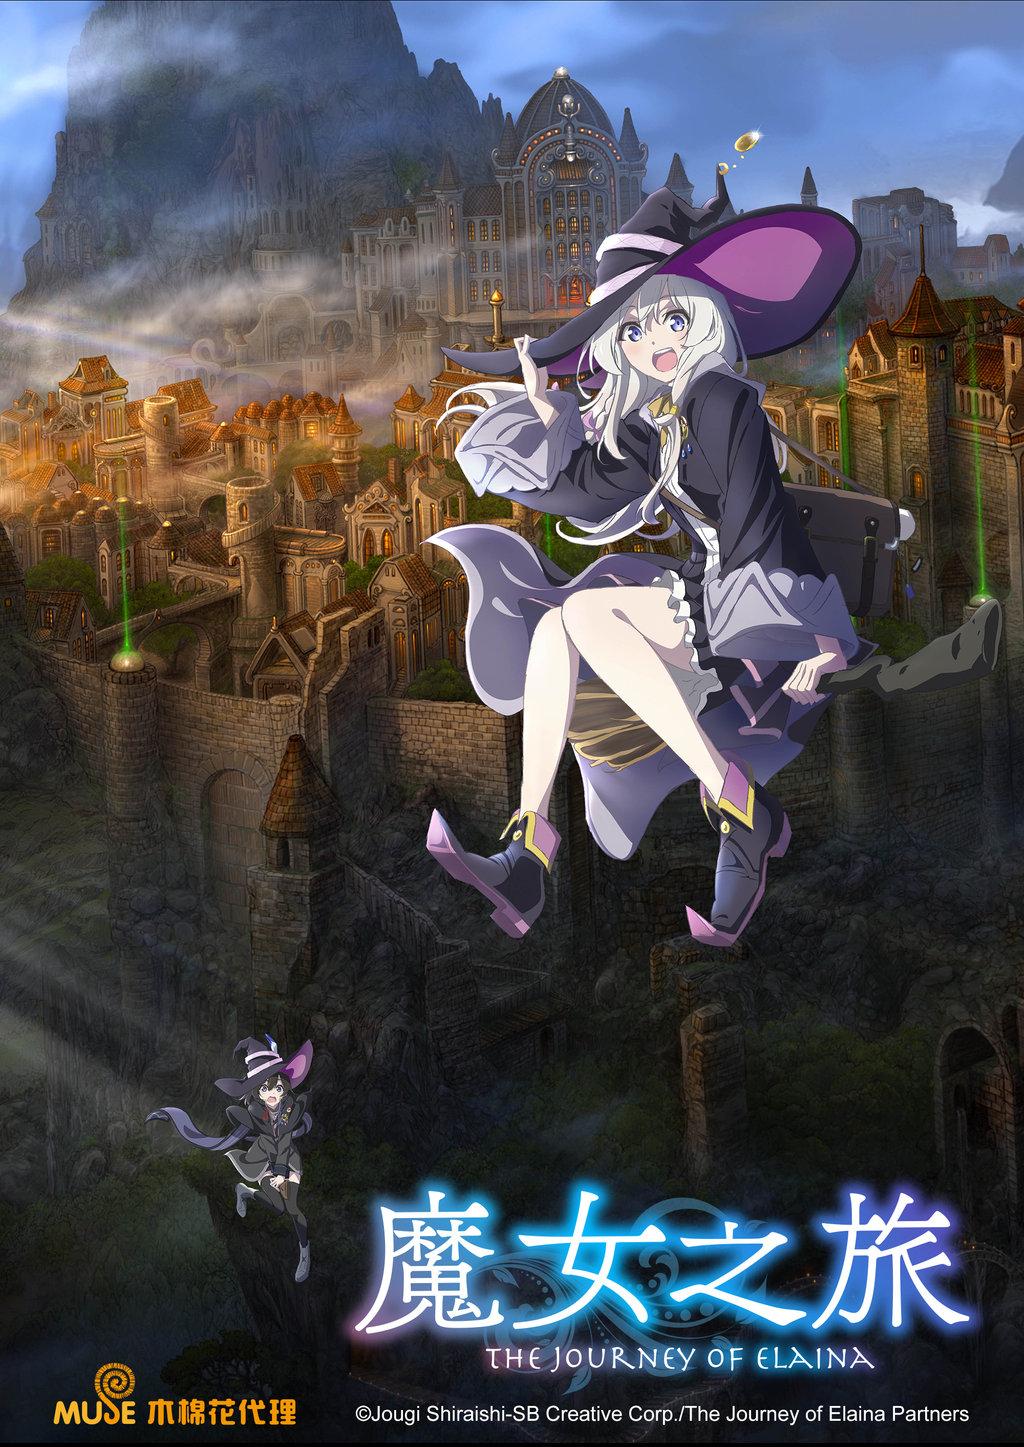 魔女之旅第1集 免費線上看 動漫 LINE TV-精彩隨看